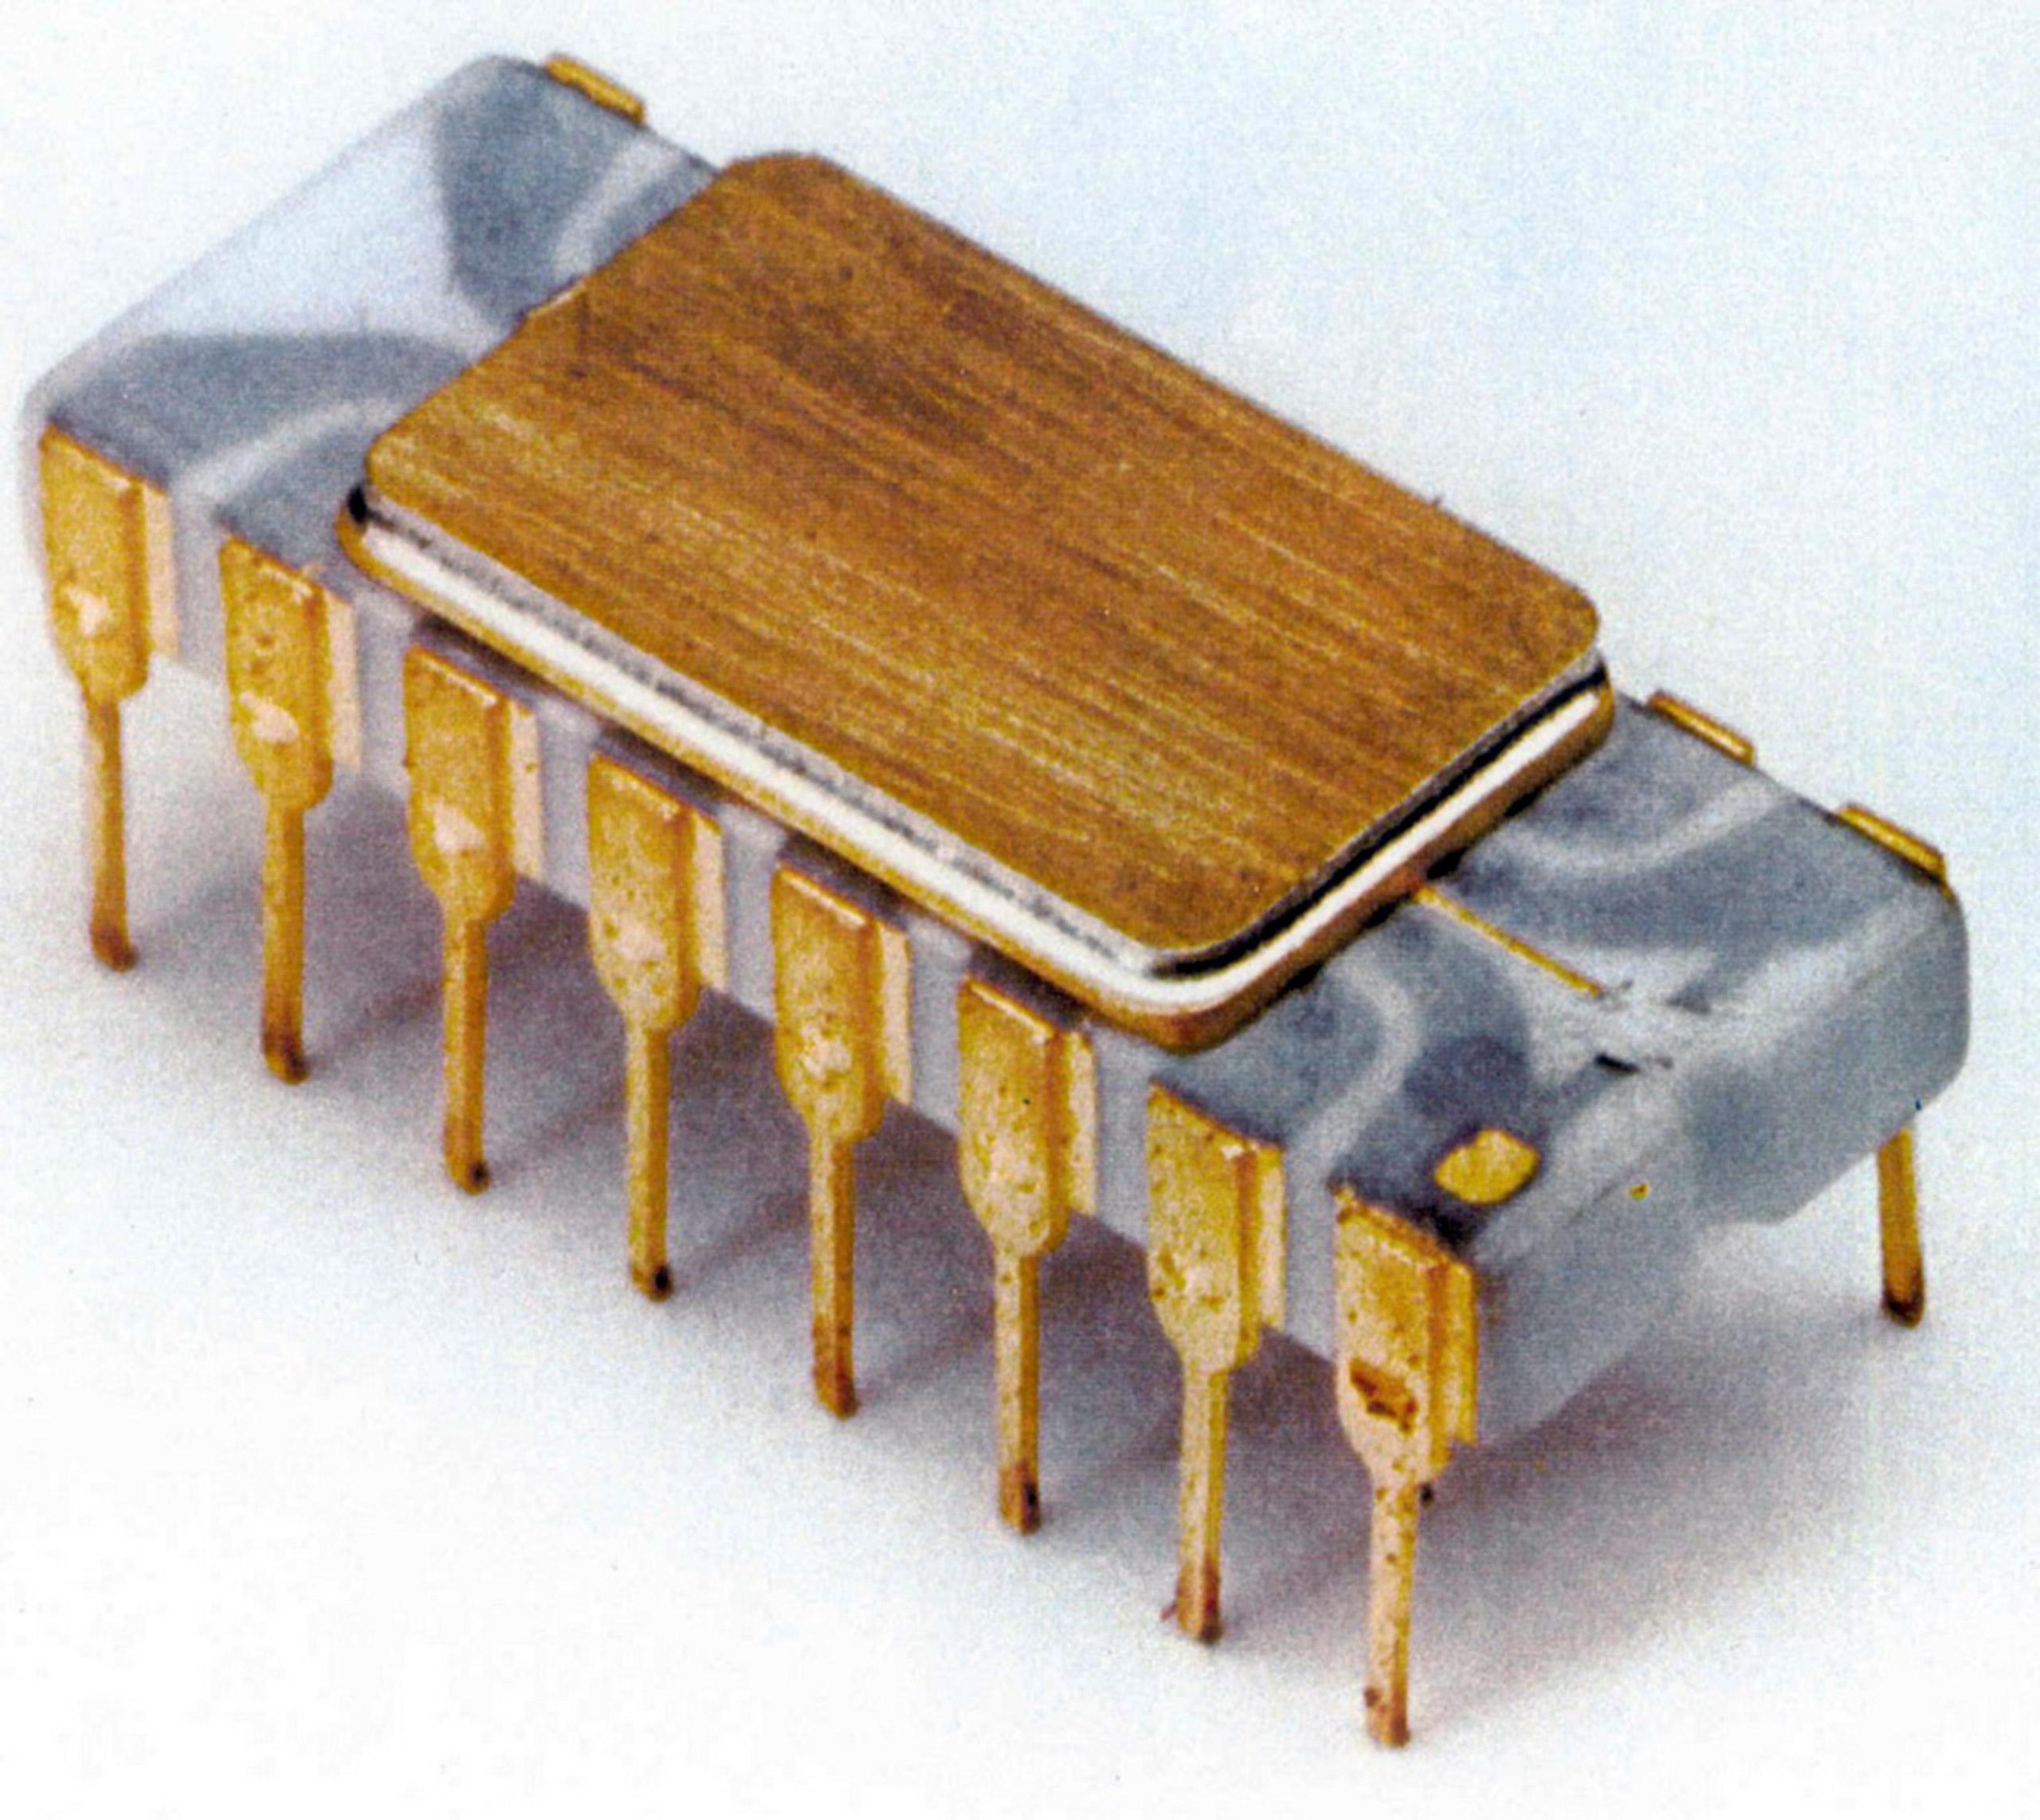 1st microprocessor, 1971 : Intel 4004